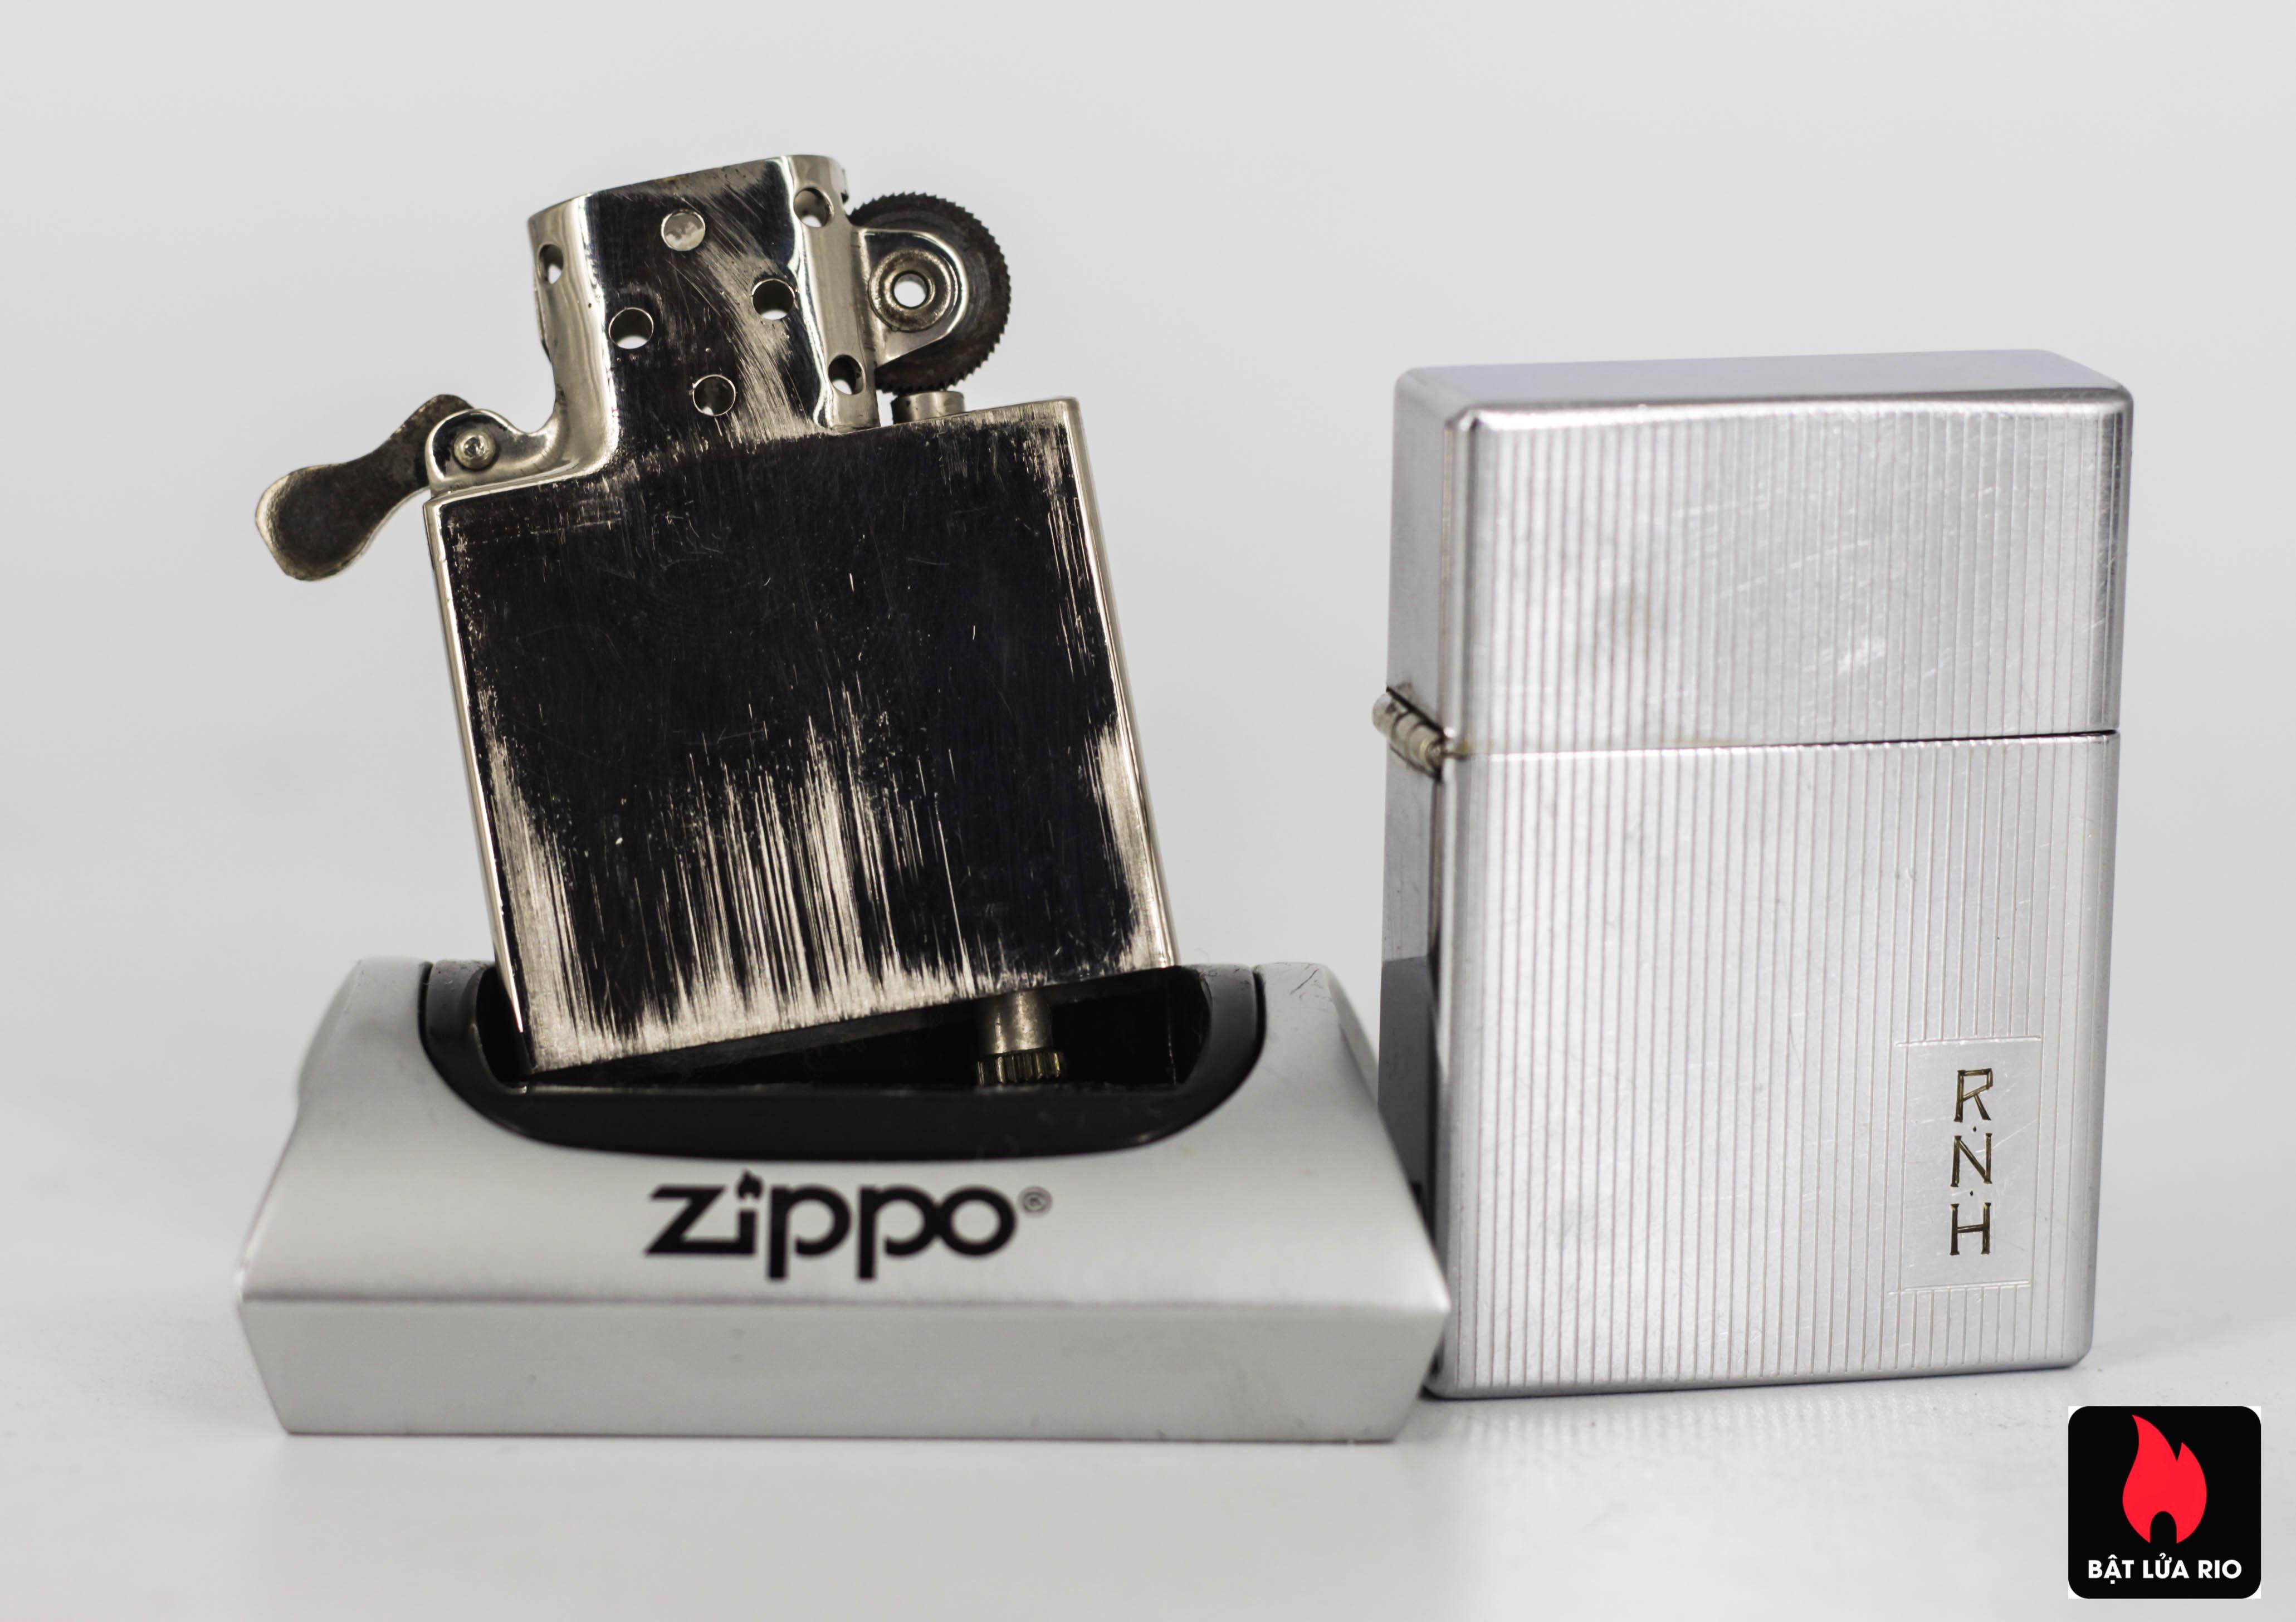 Hiếm - Zippo Xưa 1936 - Prototype 6